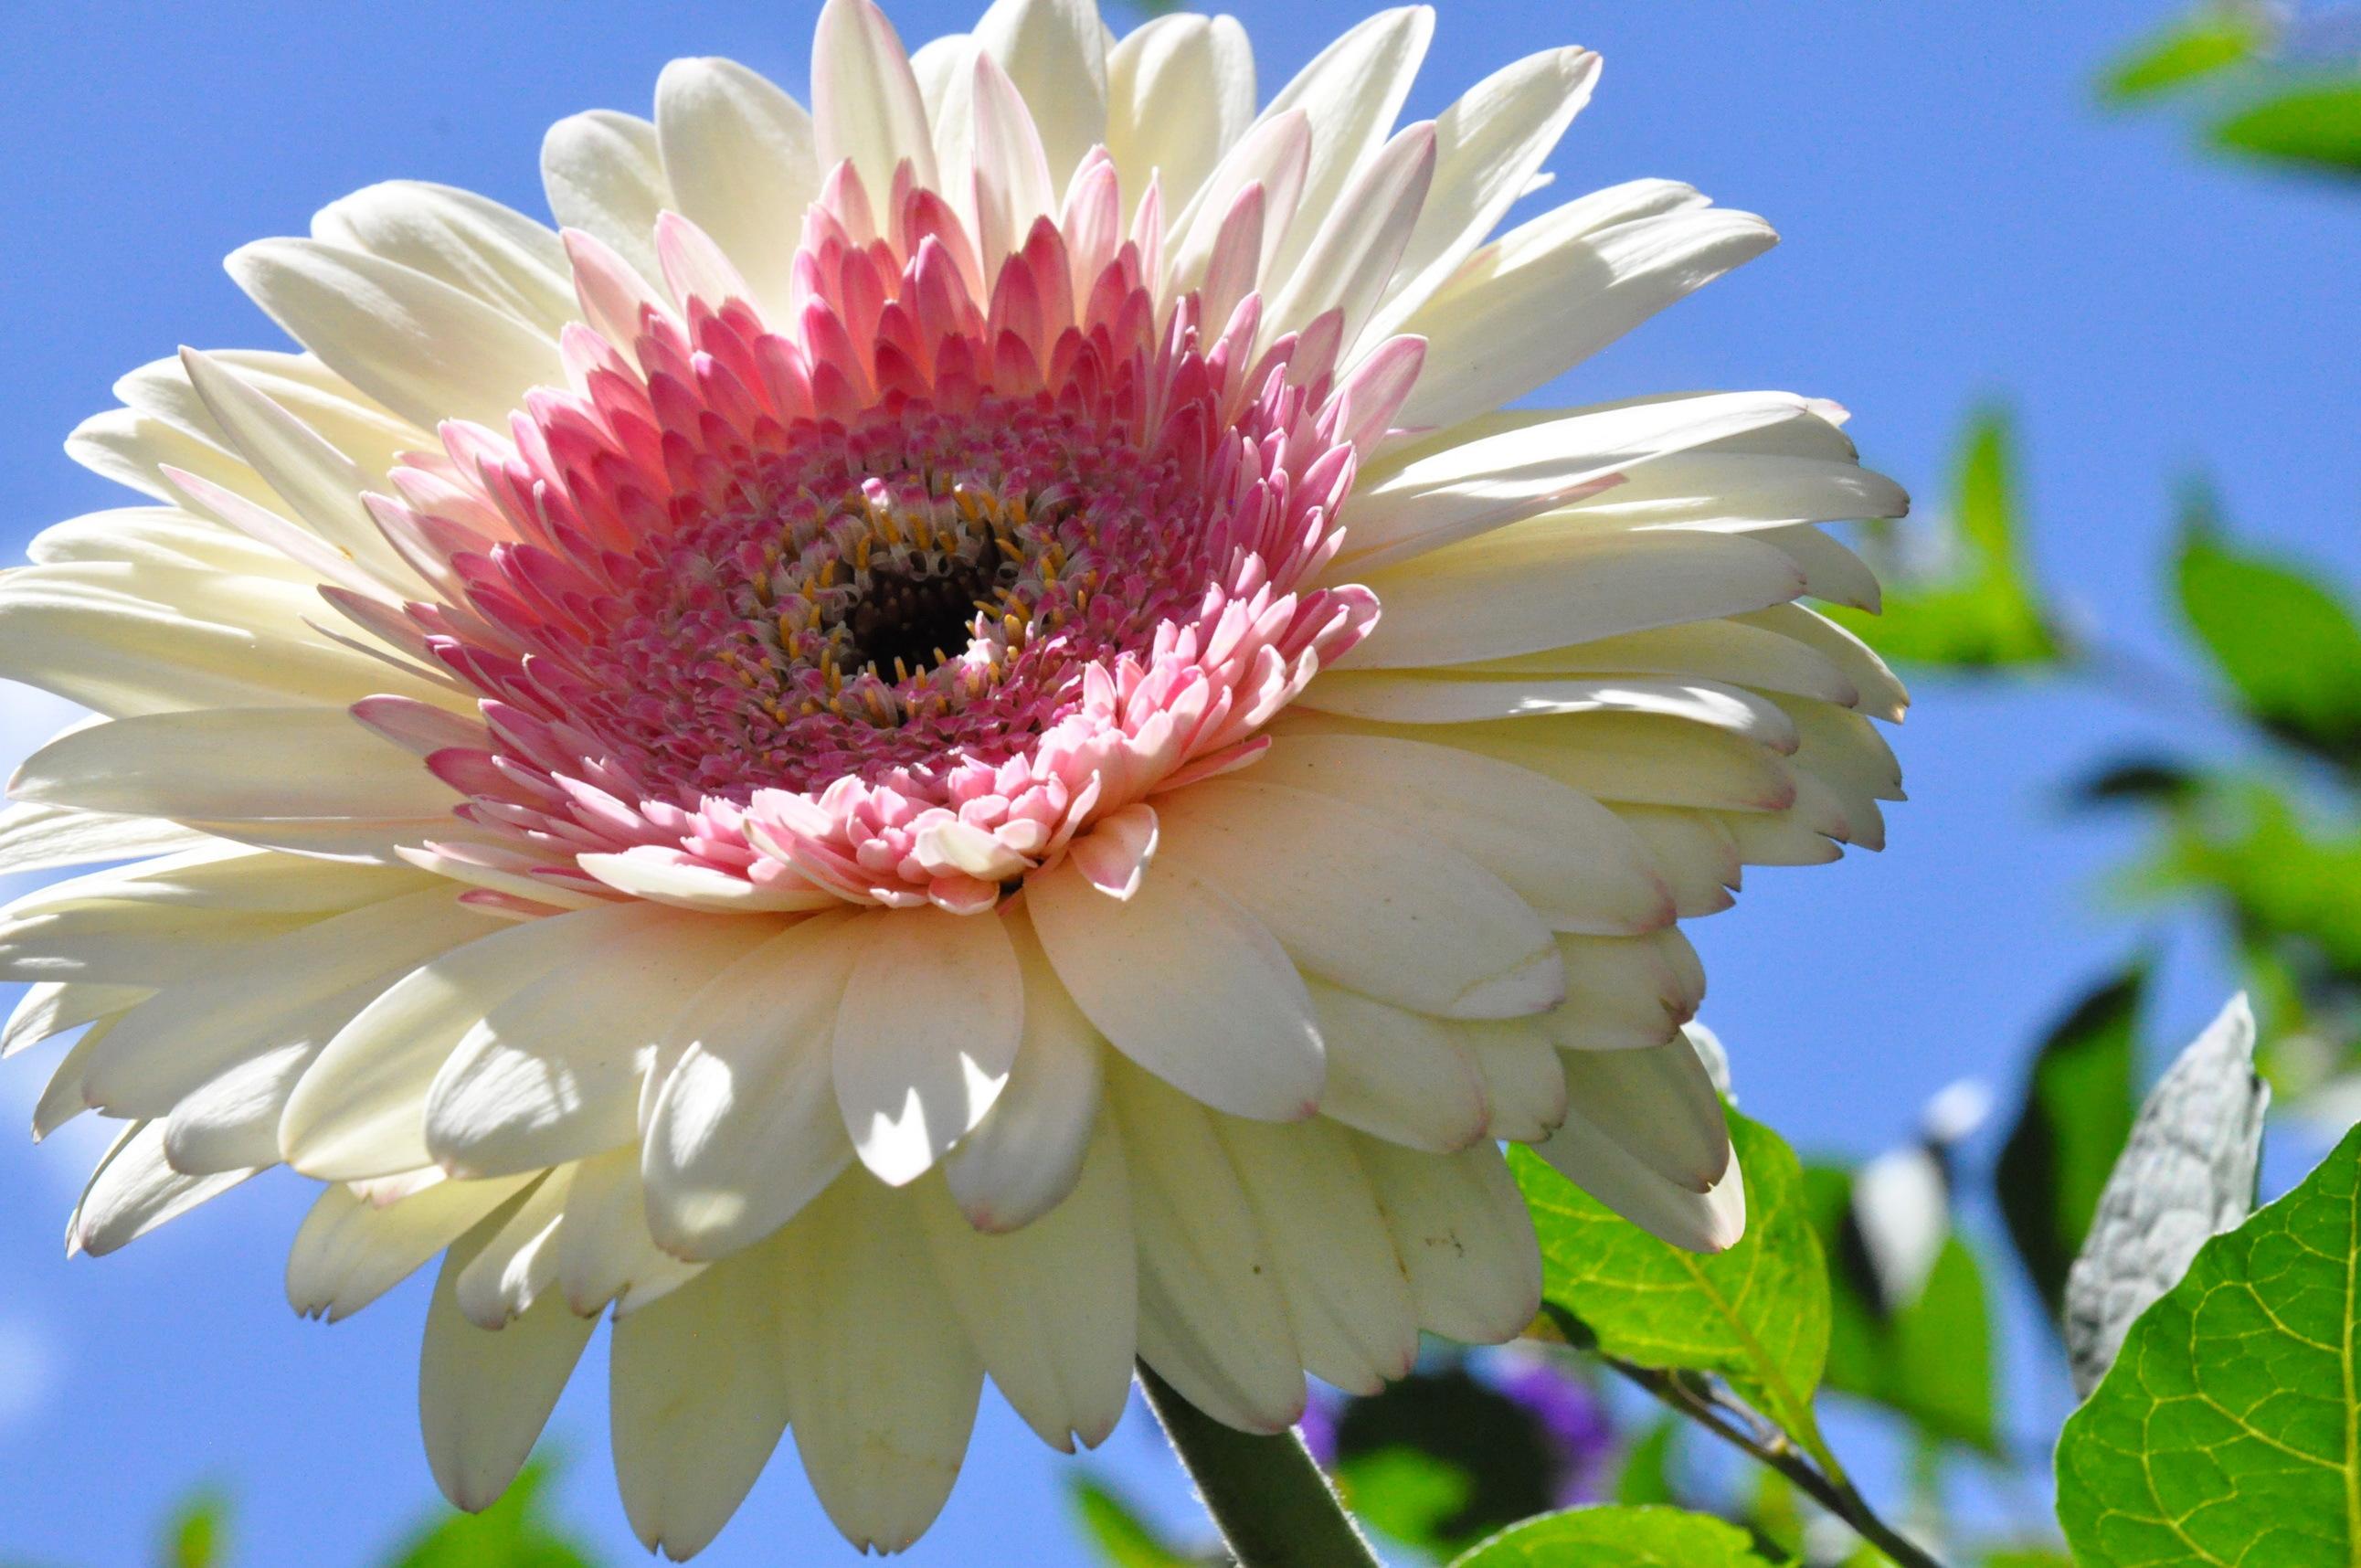 Фото одиночных цветов в хорошем качестве